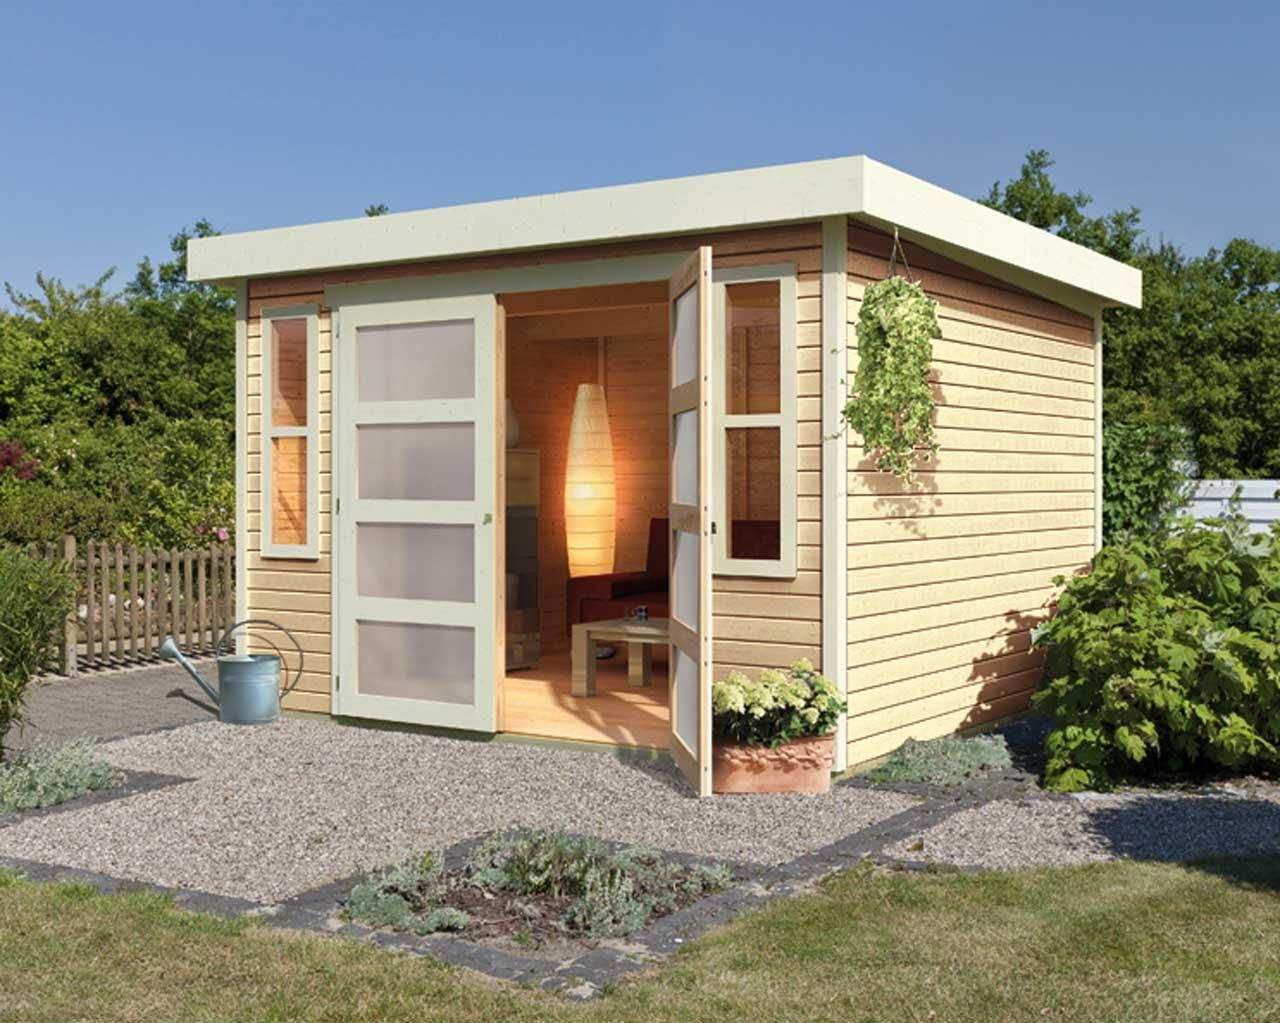 Abri de jardin à toit plat 6.15m² en bois massif 19mm MUHLENDORF ...